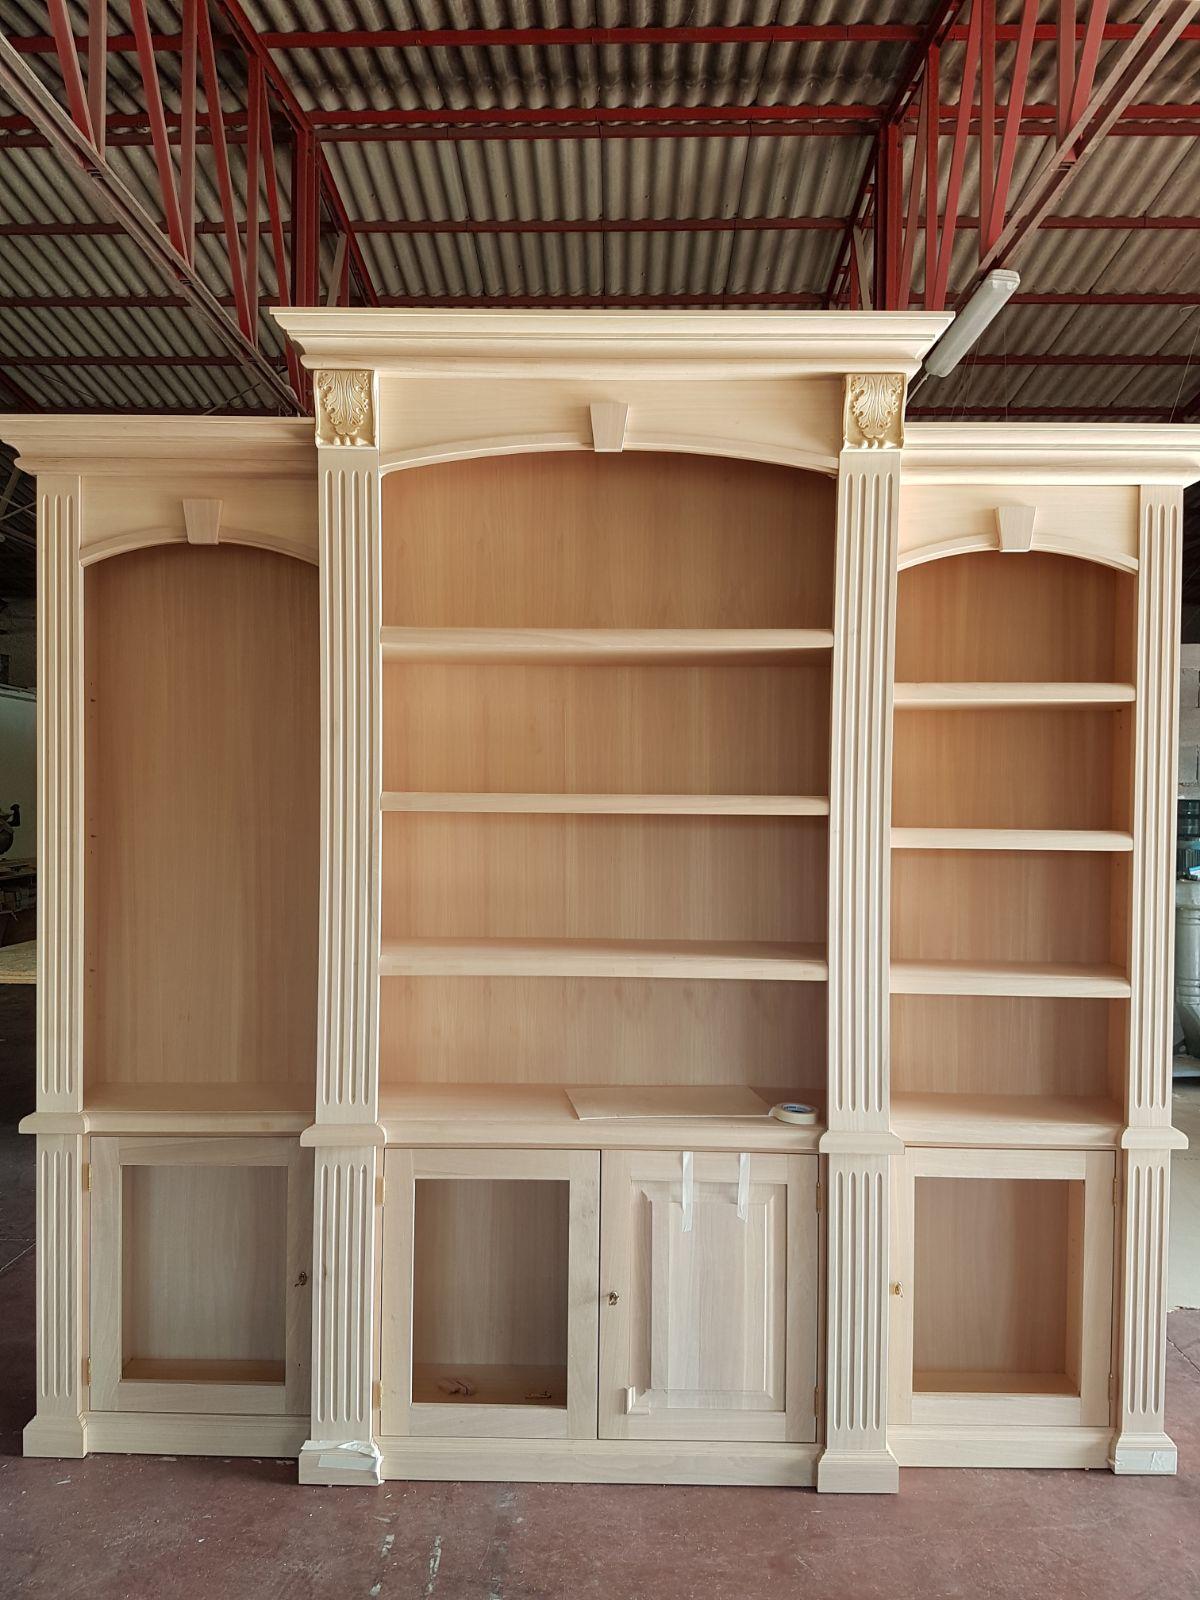 Prezzo Libreria Su Misura.Librerie Su Misura Lugano